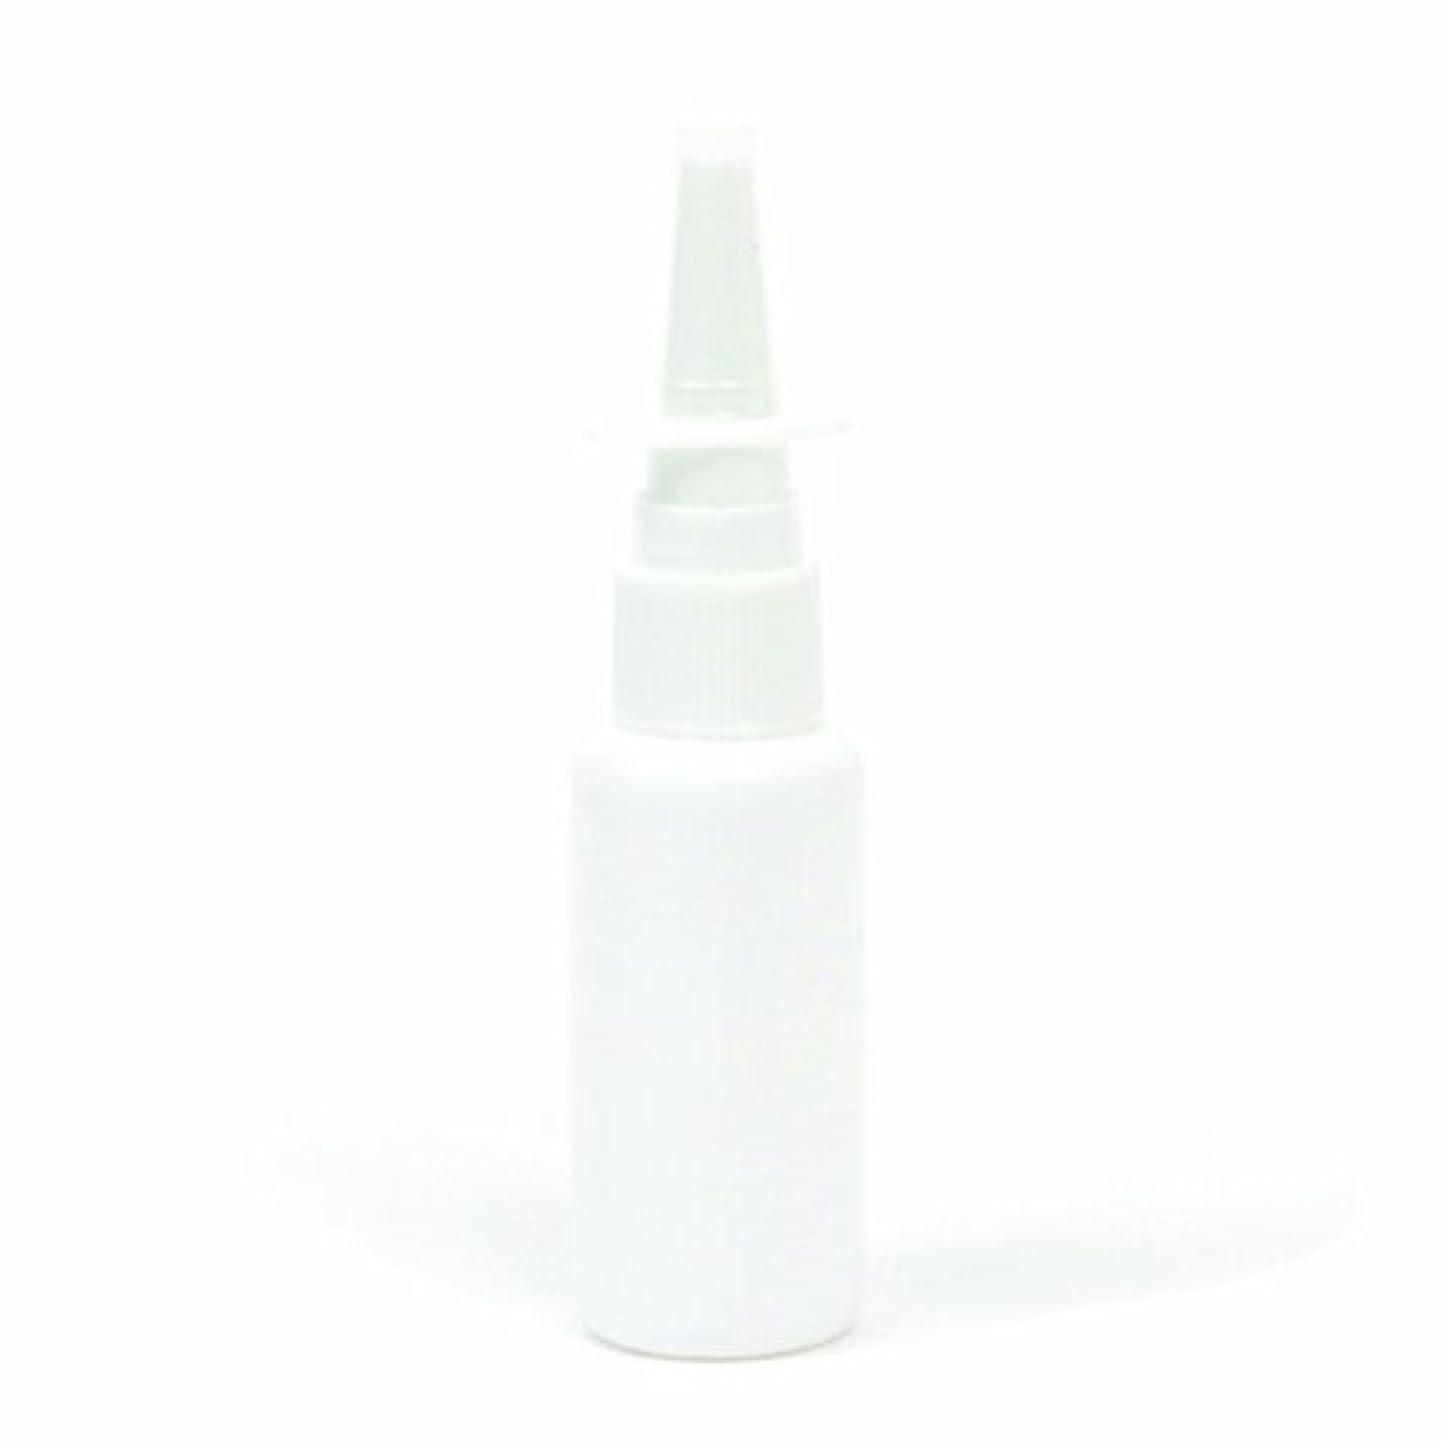 見る鉛筆延ばす点鼻スプレーボトル 30mL 空容器 遮光タイプ